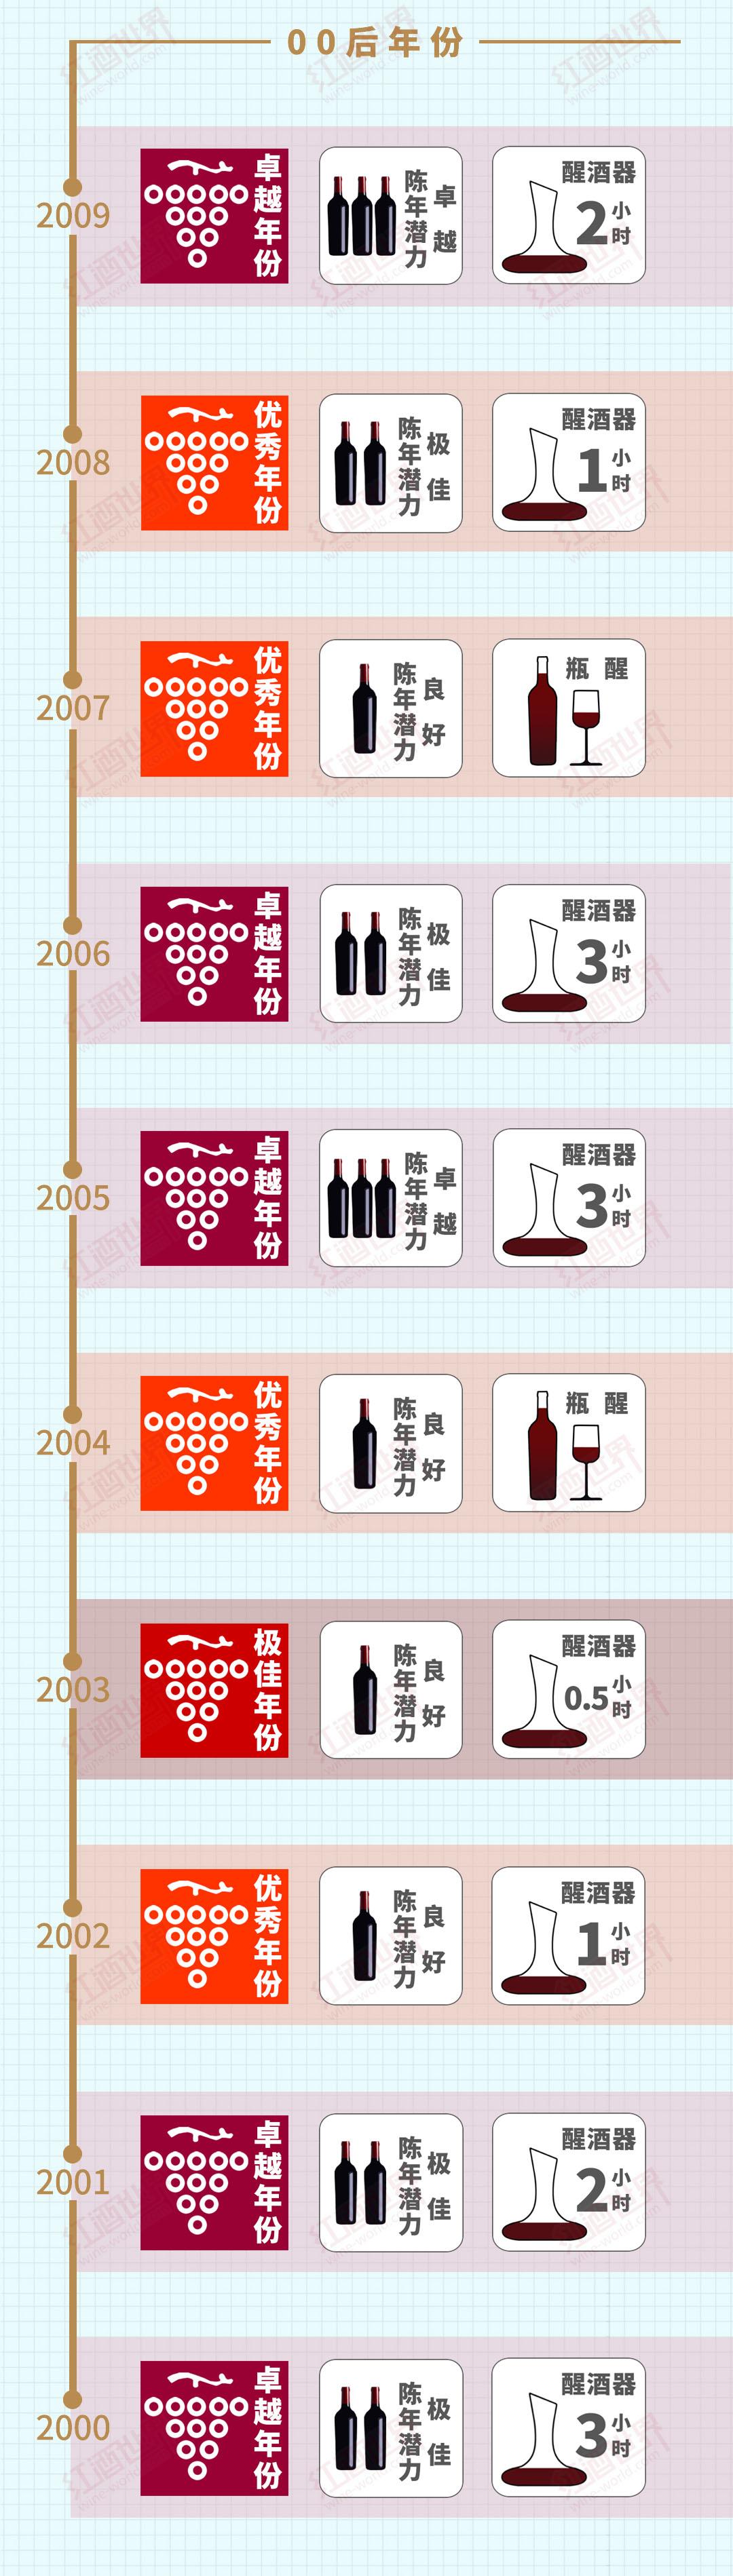 雄狮1945-2015年份收藏&侍酒贴士